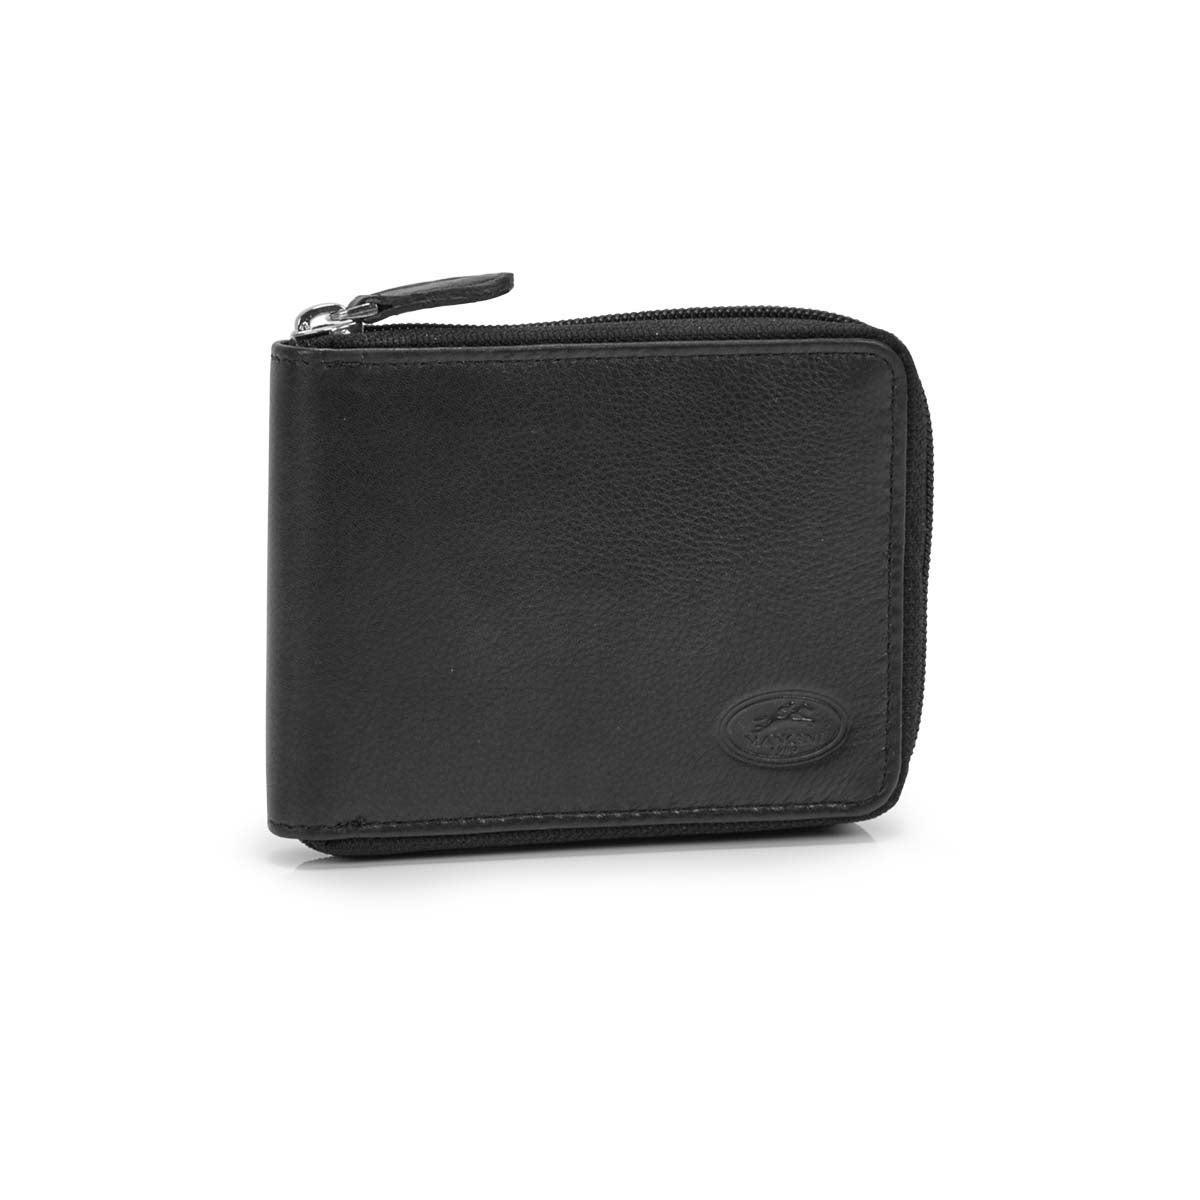 Men's ZIP AROUND black RFID secure wallet